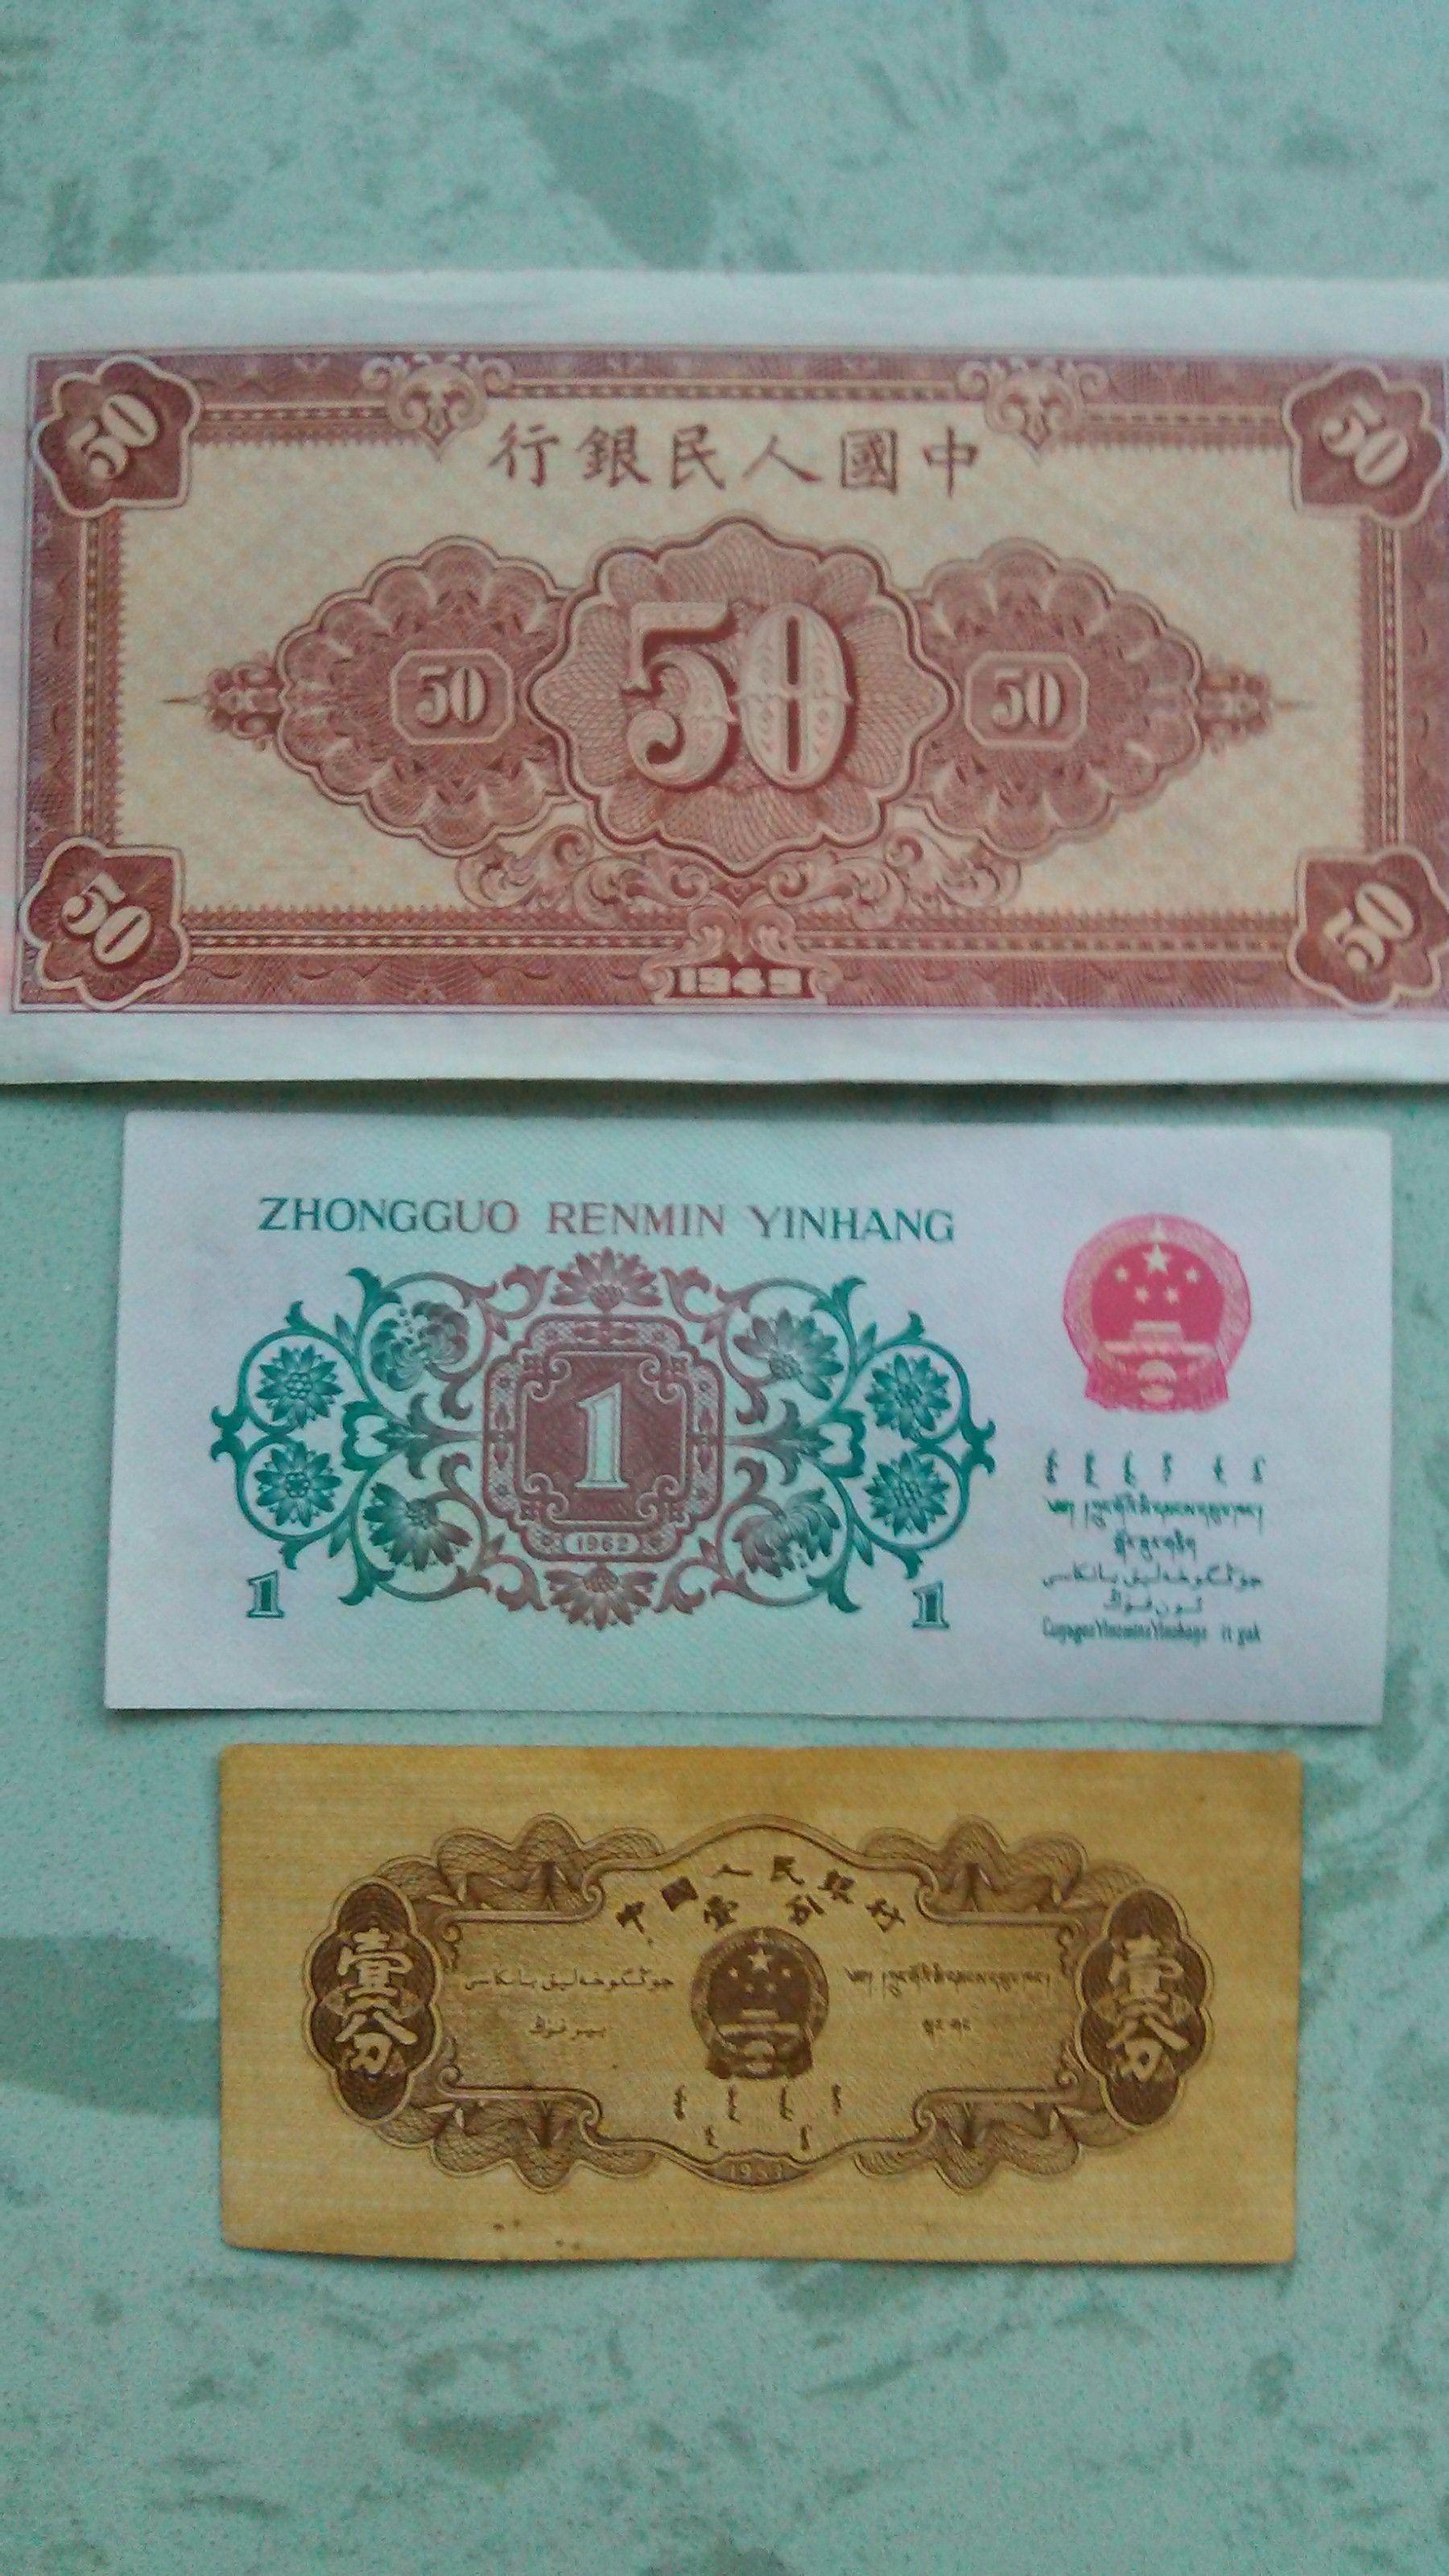 老版人民币收藏价格_老版人民币值多少钱_百度知道